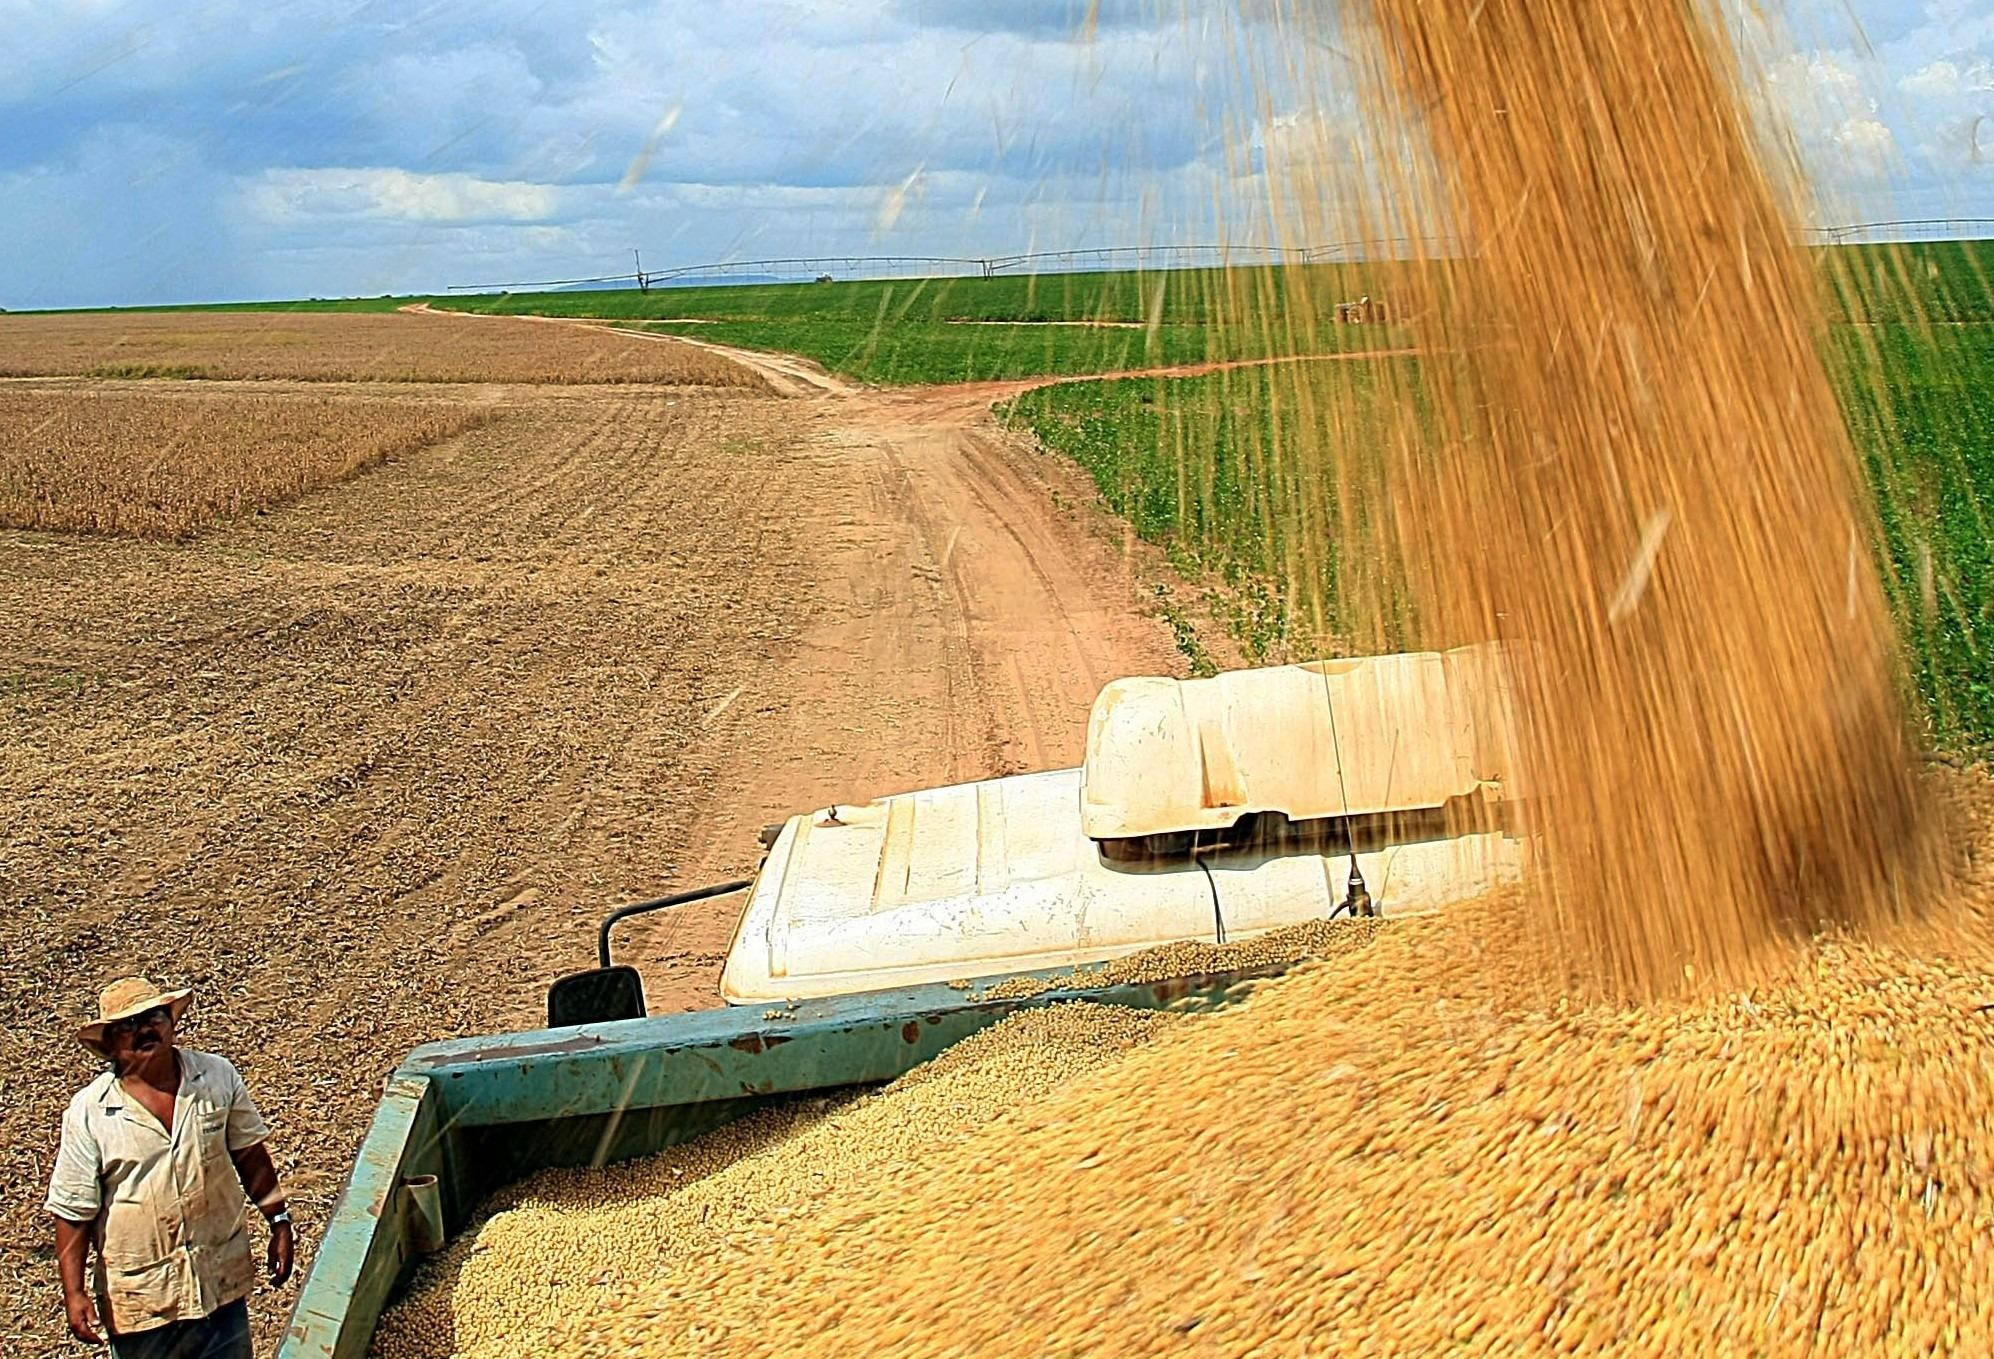 Atividade agropecuária teve redução de rentabilidade, avalia CNA